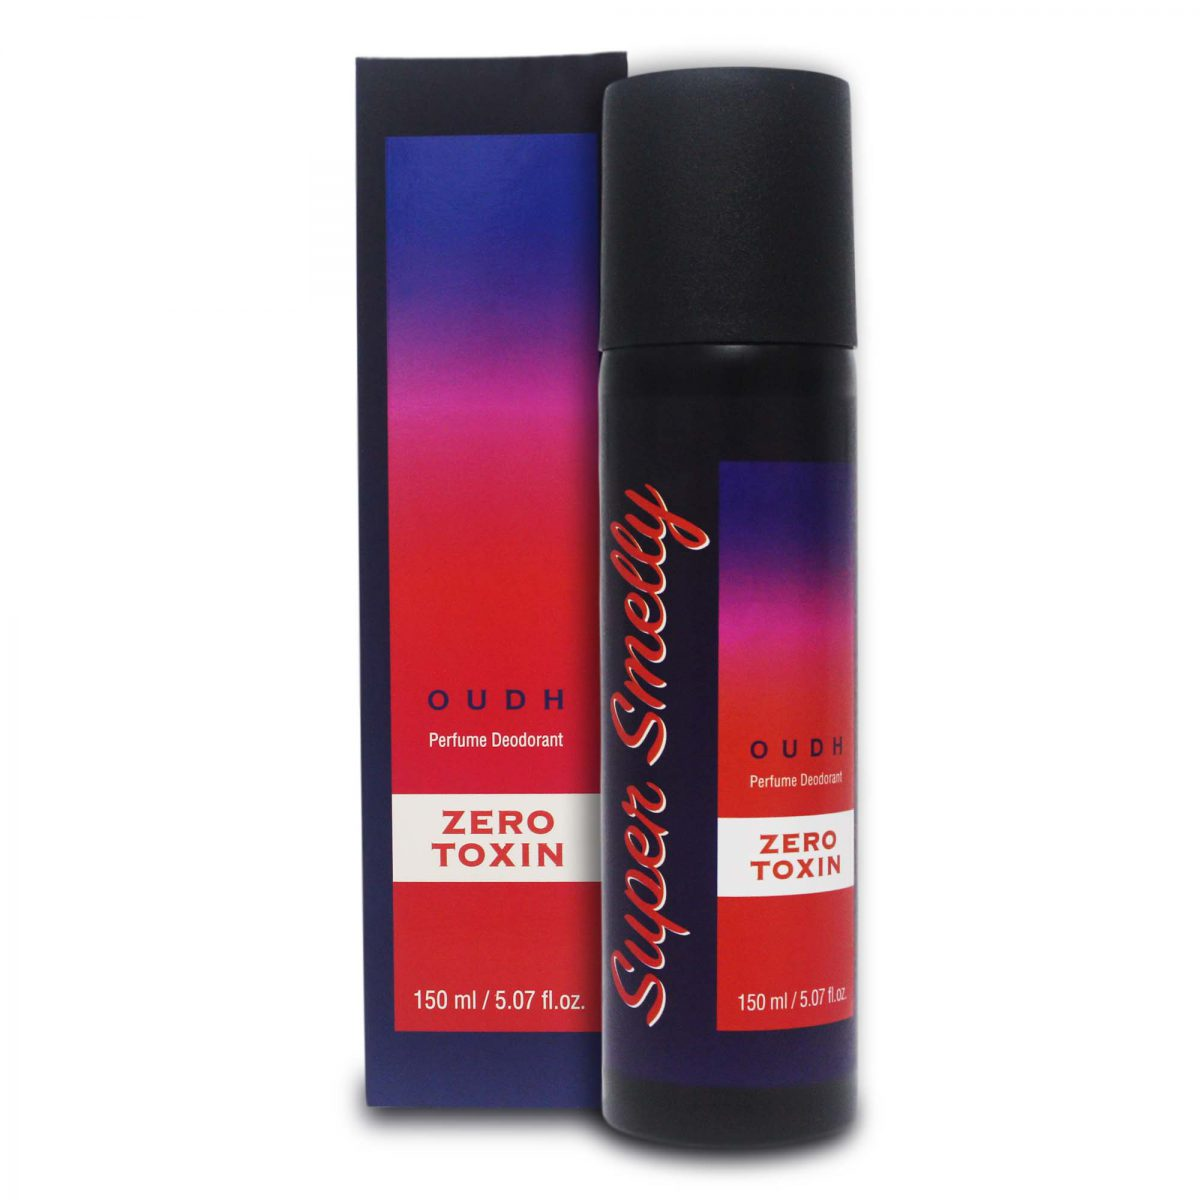 Oudh Perfume Deodorant Spray | top 5 men's deodorant | best mens spray deodorant | men's deodorant spray | best deodorant in the world | mens deodorant | deoderant for men | best mens deodarant